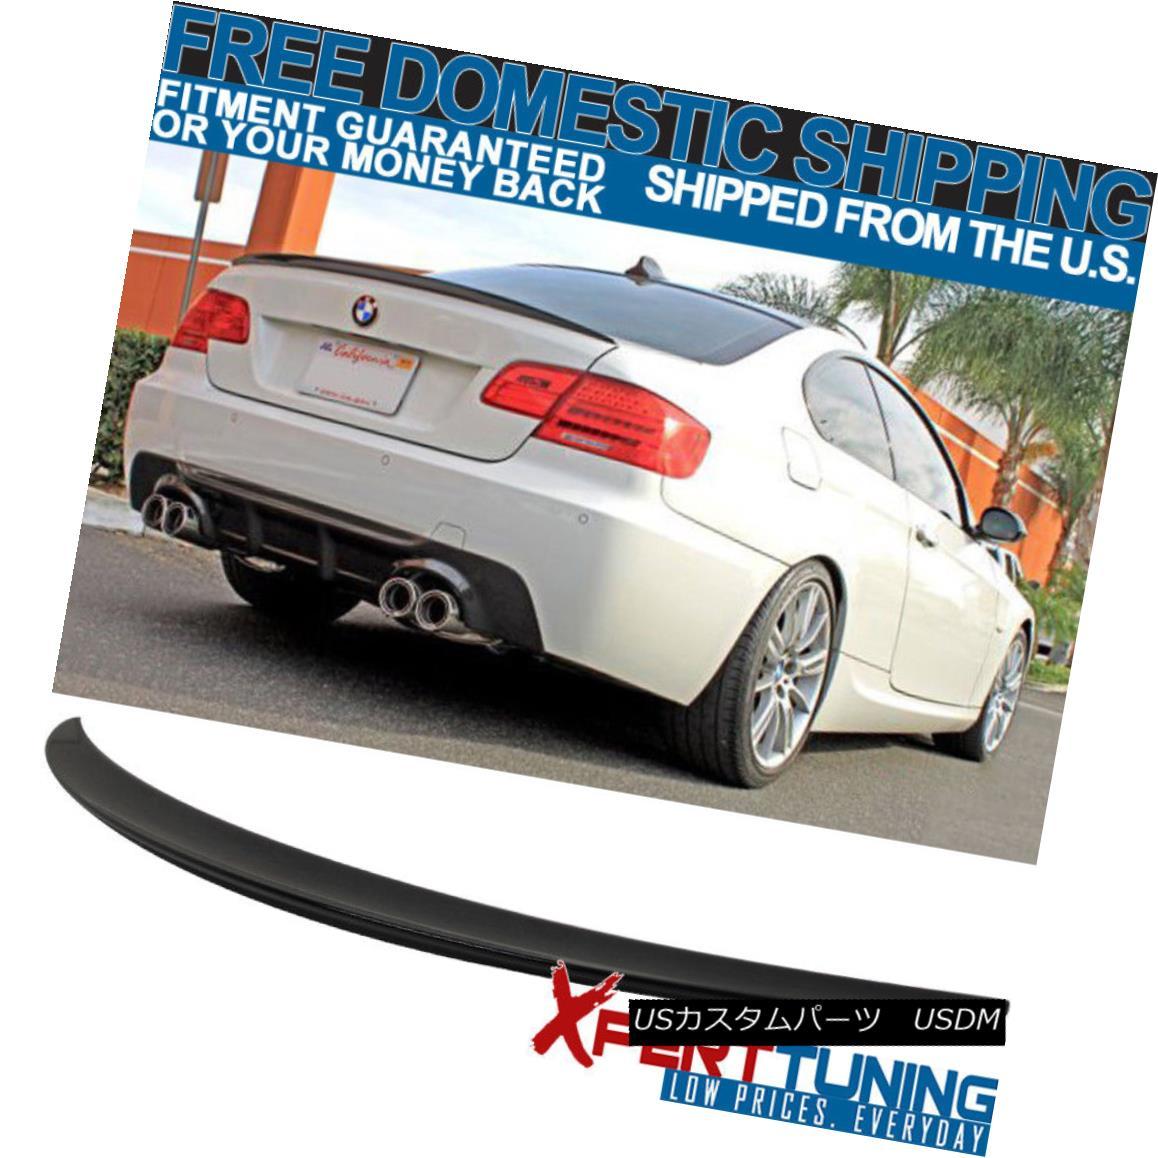 エアロパーツ 07-13 BMW 3-Series E93 Painted # 475 Black Sapphire Metallic Rear Trunk Spoiler 07-13 BMW 3シリーズE93塗装済み#475ブラックサファイアメタリックリアトランクスポイラー